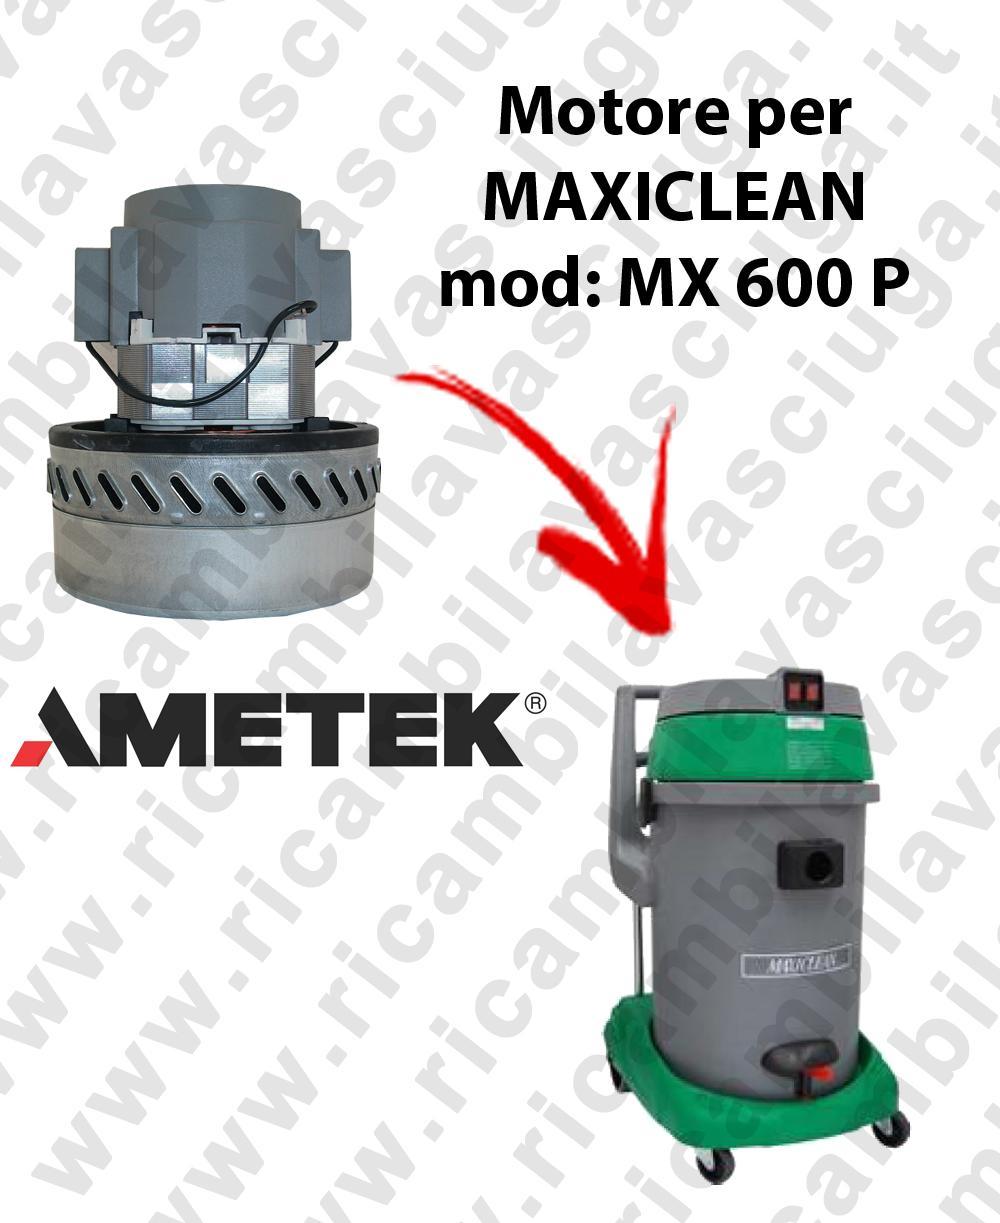 MX 600 P MOTORE AMETEK di aspirazione per aspirapolvere e aspiraliquidi MAXICLEAN